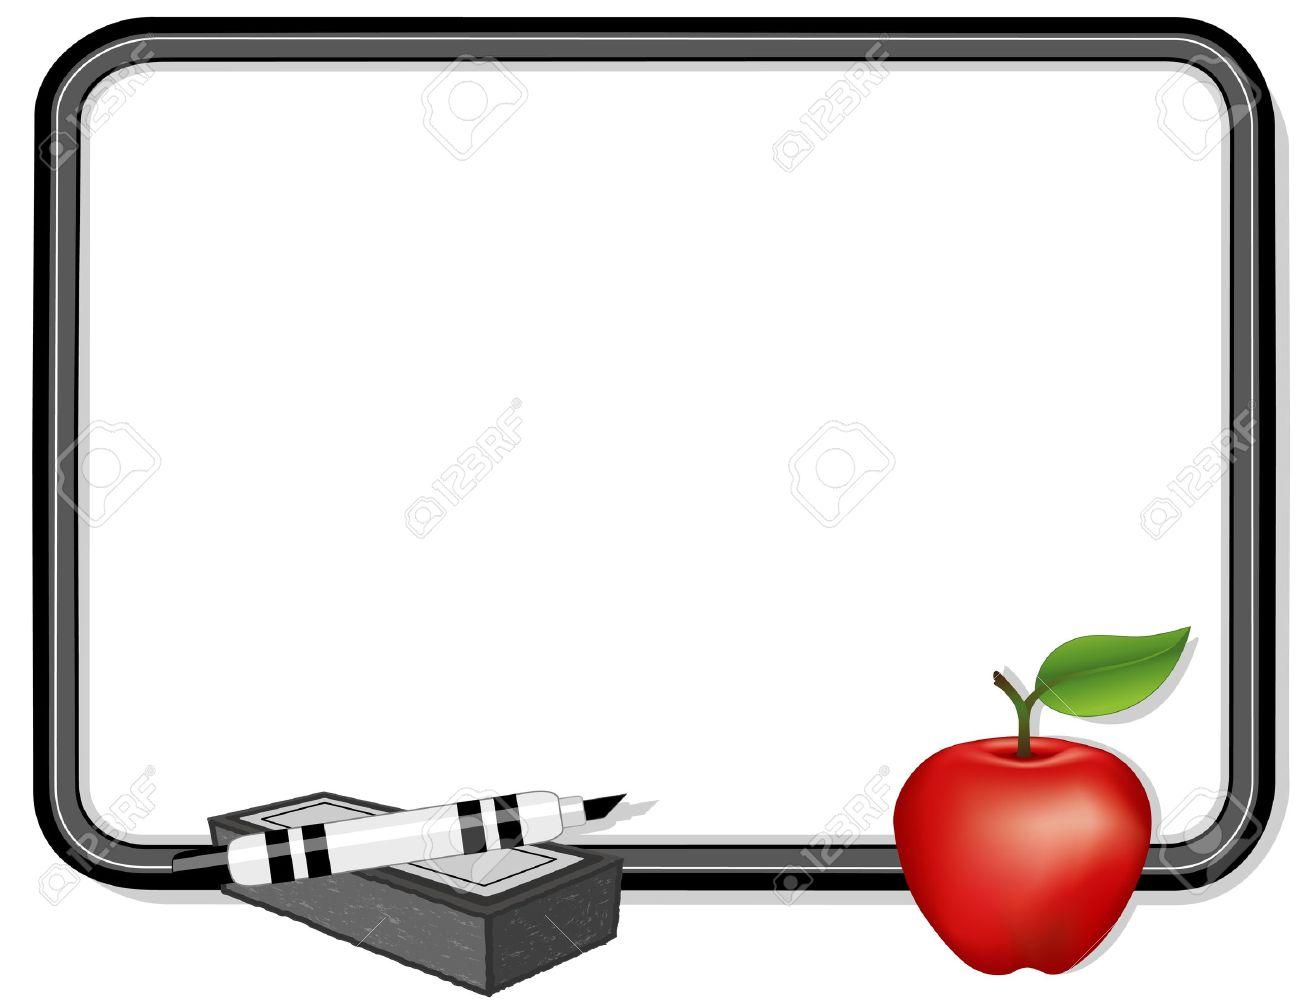 Whiteboard Eraser Clipart.